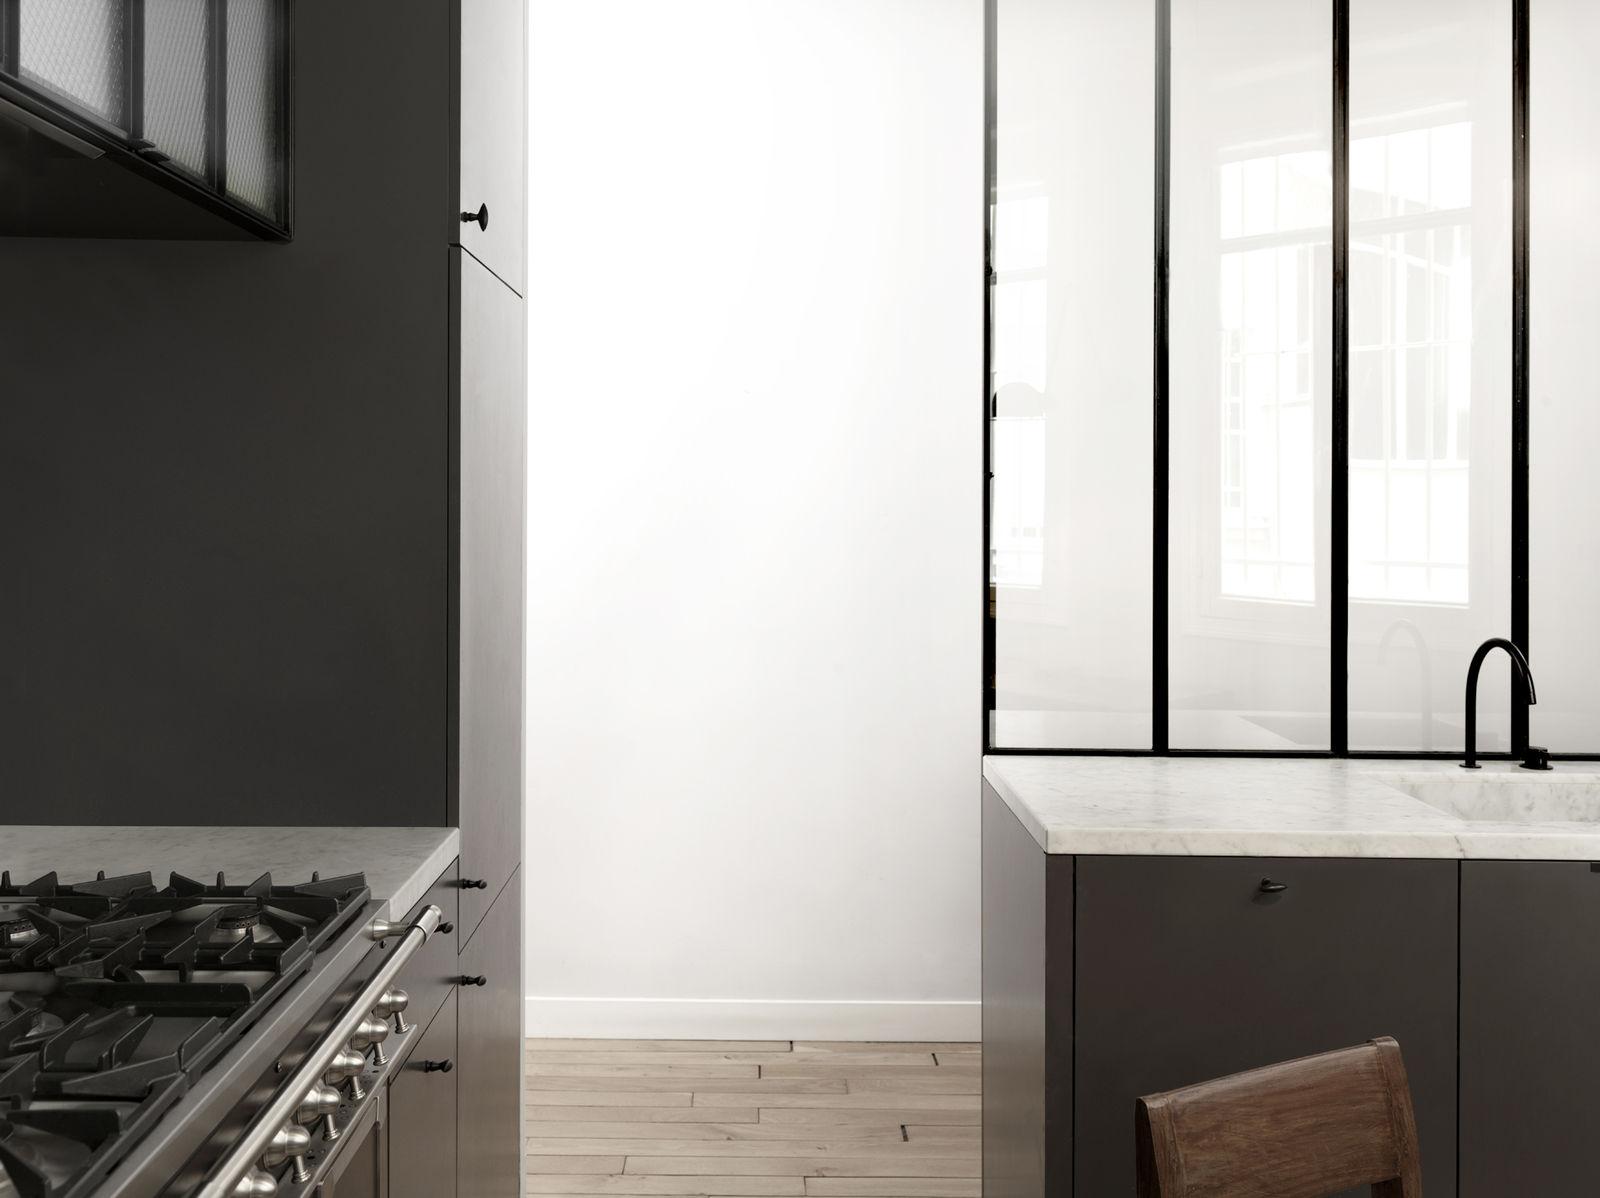 Nicolas schuybroek rk apartement - Cloison en verre style atelier ...